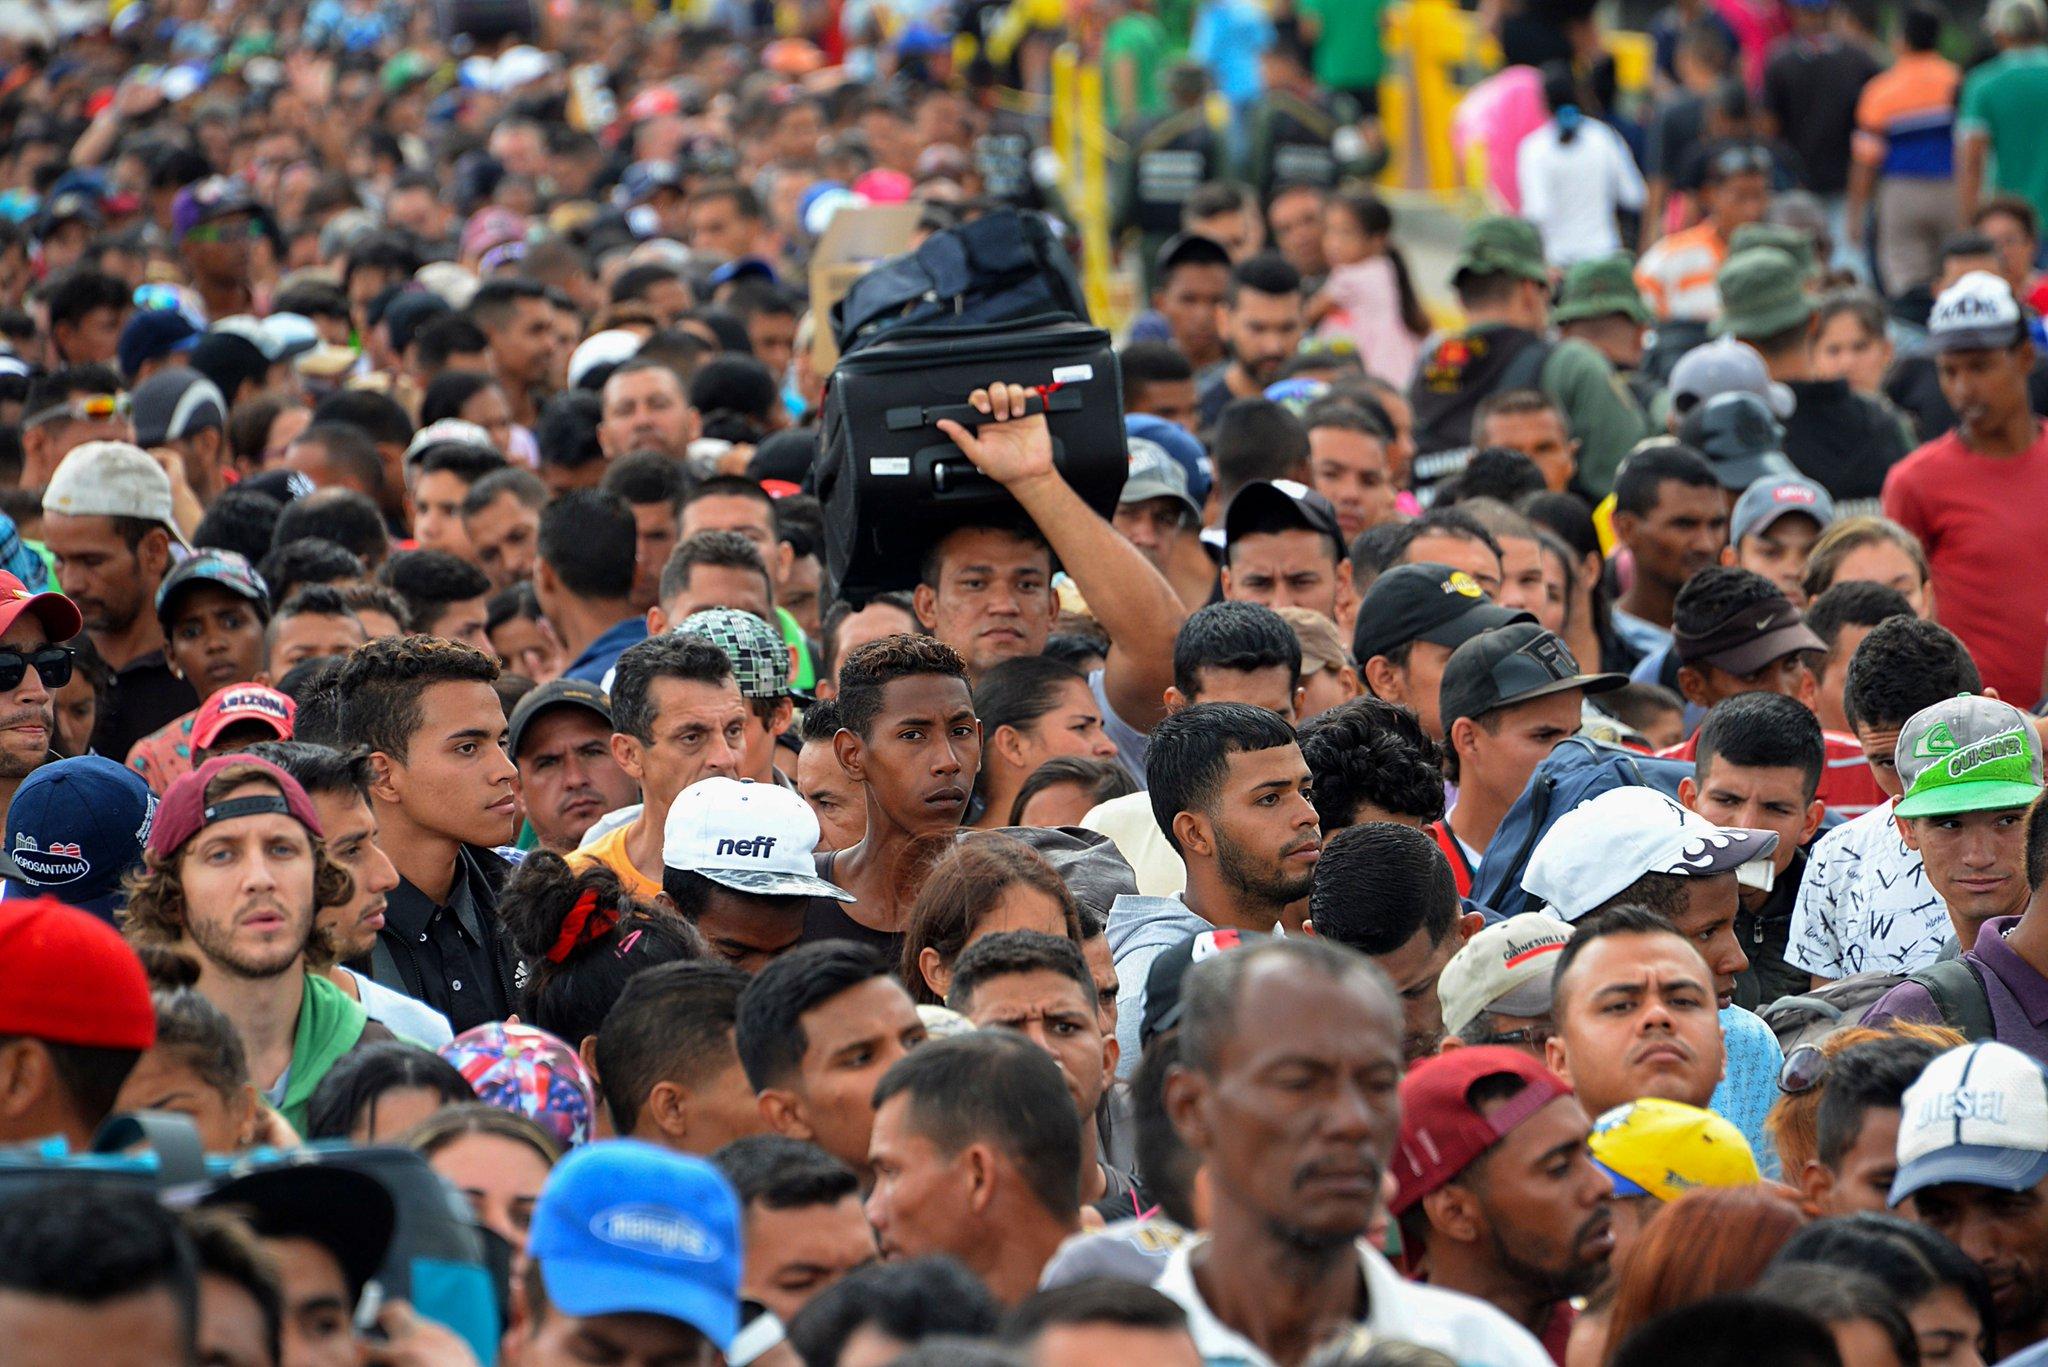 Glosariopara venezolanos emigrantes: ¿cómo hablan en los países de la región? https://t.co/0nFAEYfeEK https://t.co/Z2y6oiALS6